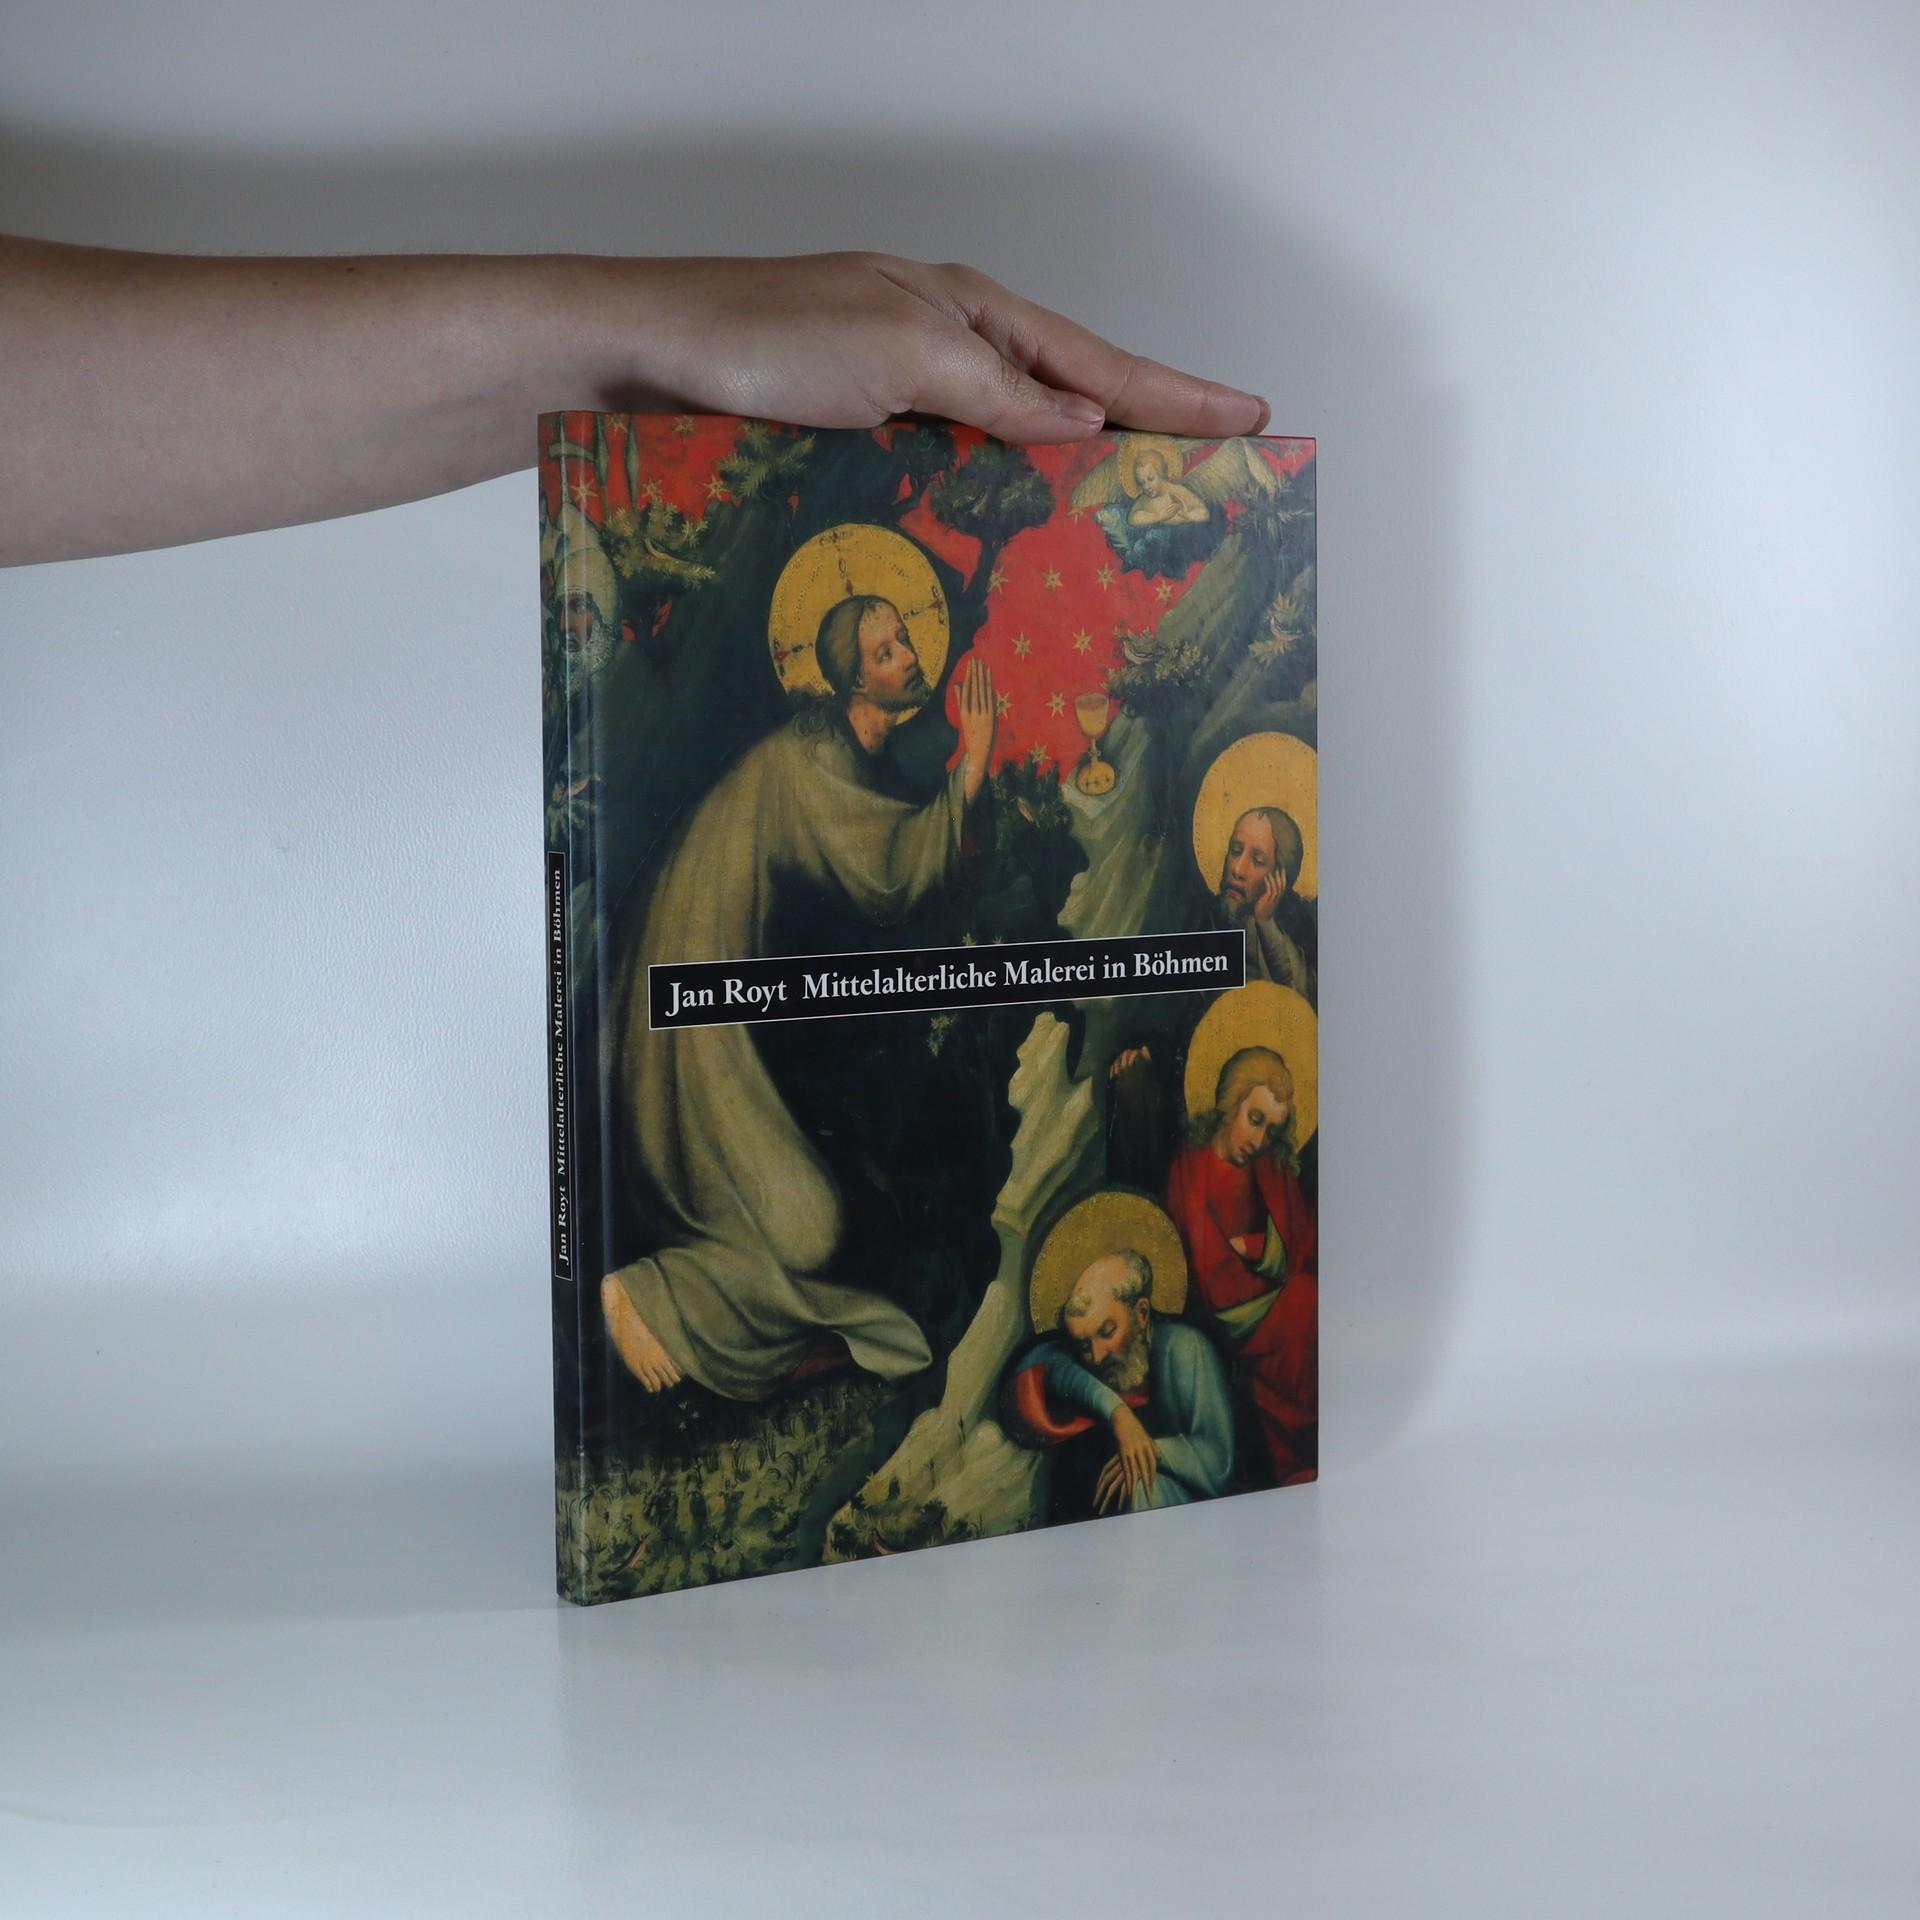 antikvární kniha Mittelalterliche Malerei in Böhmen, 2003